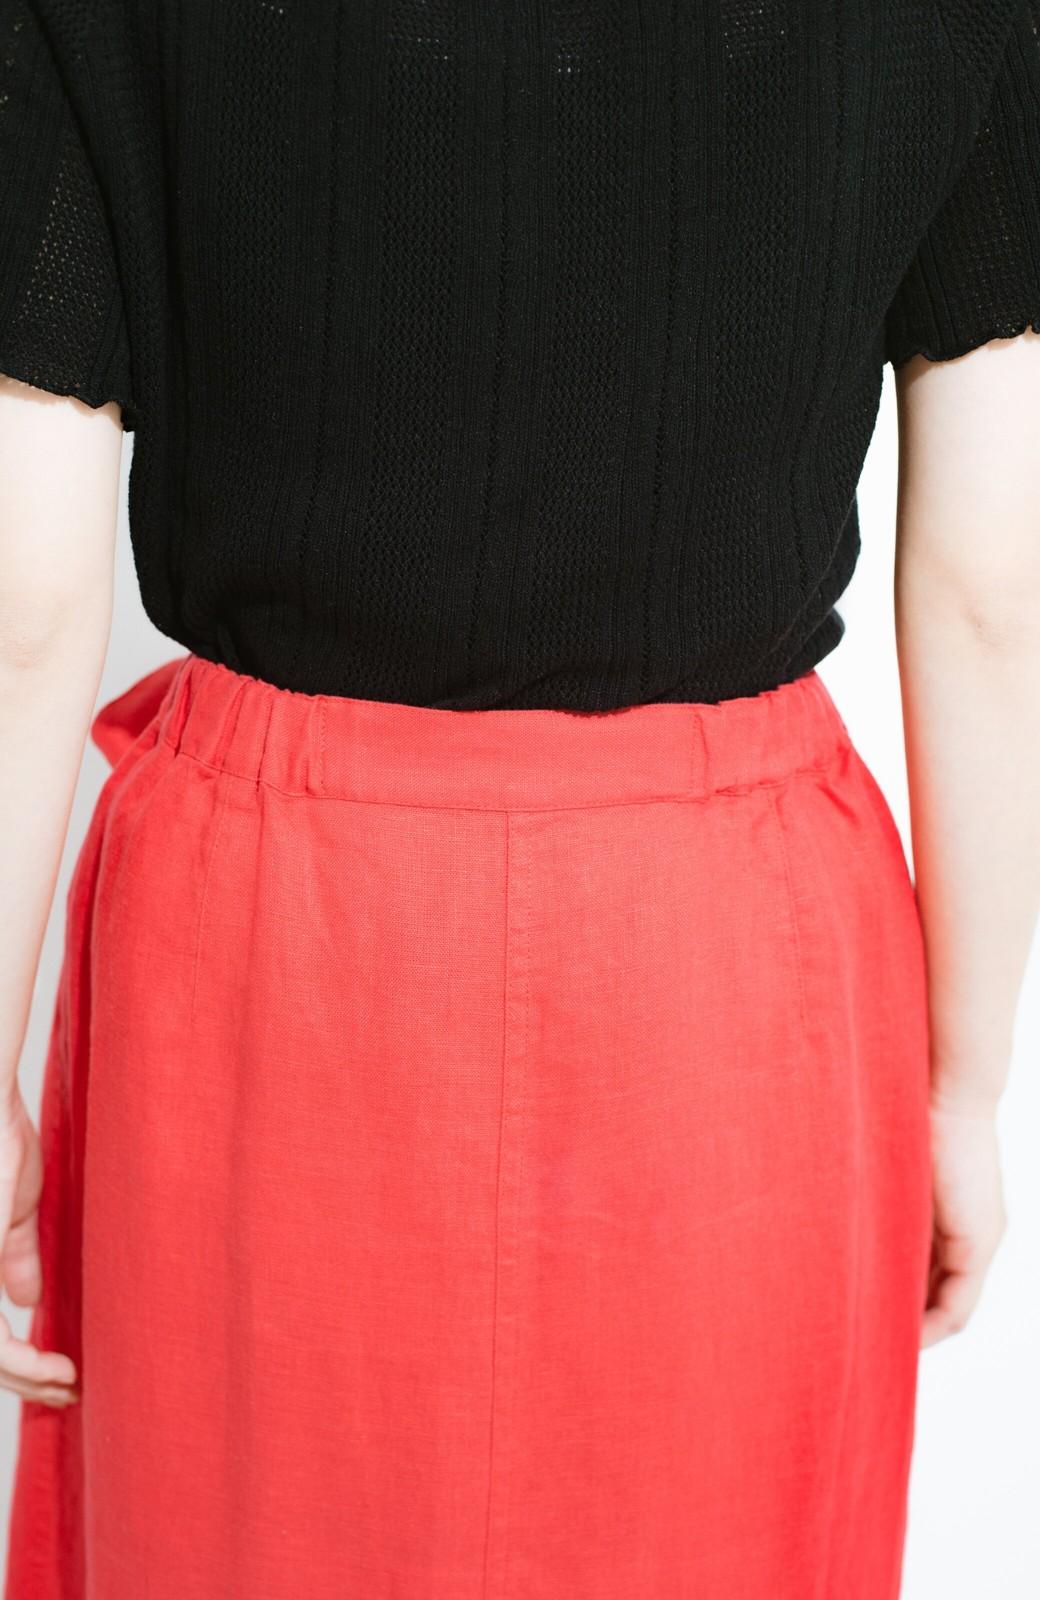 haco! 縦ラインですっきり見える 麻100%のタイトスカート <ピンク>の商品写真7